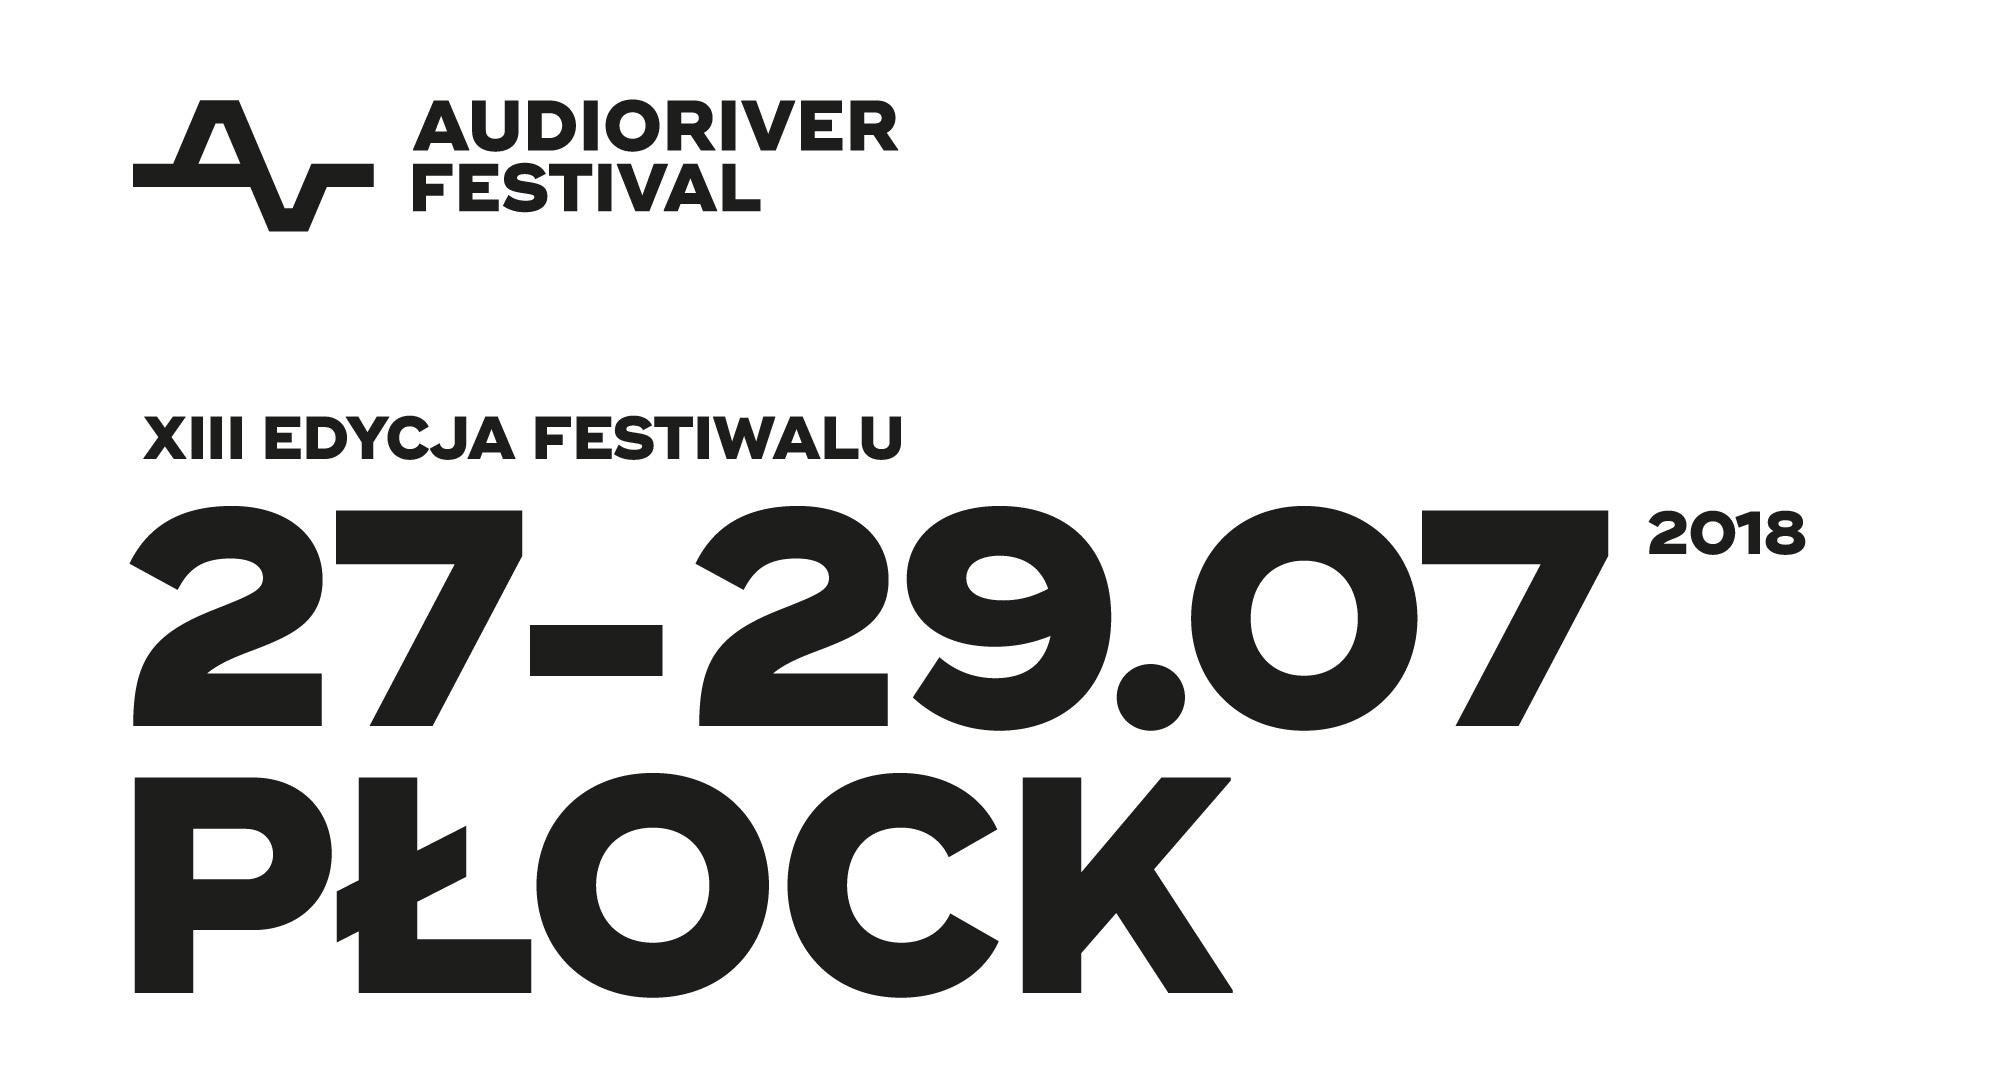 audioriver 2018 płock sprzedaż karnety cena sklep online